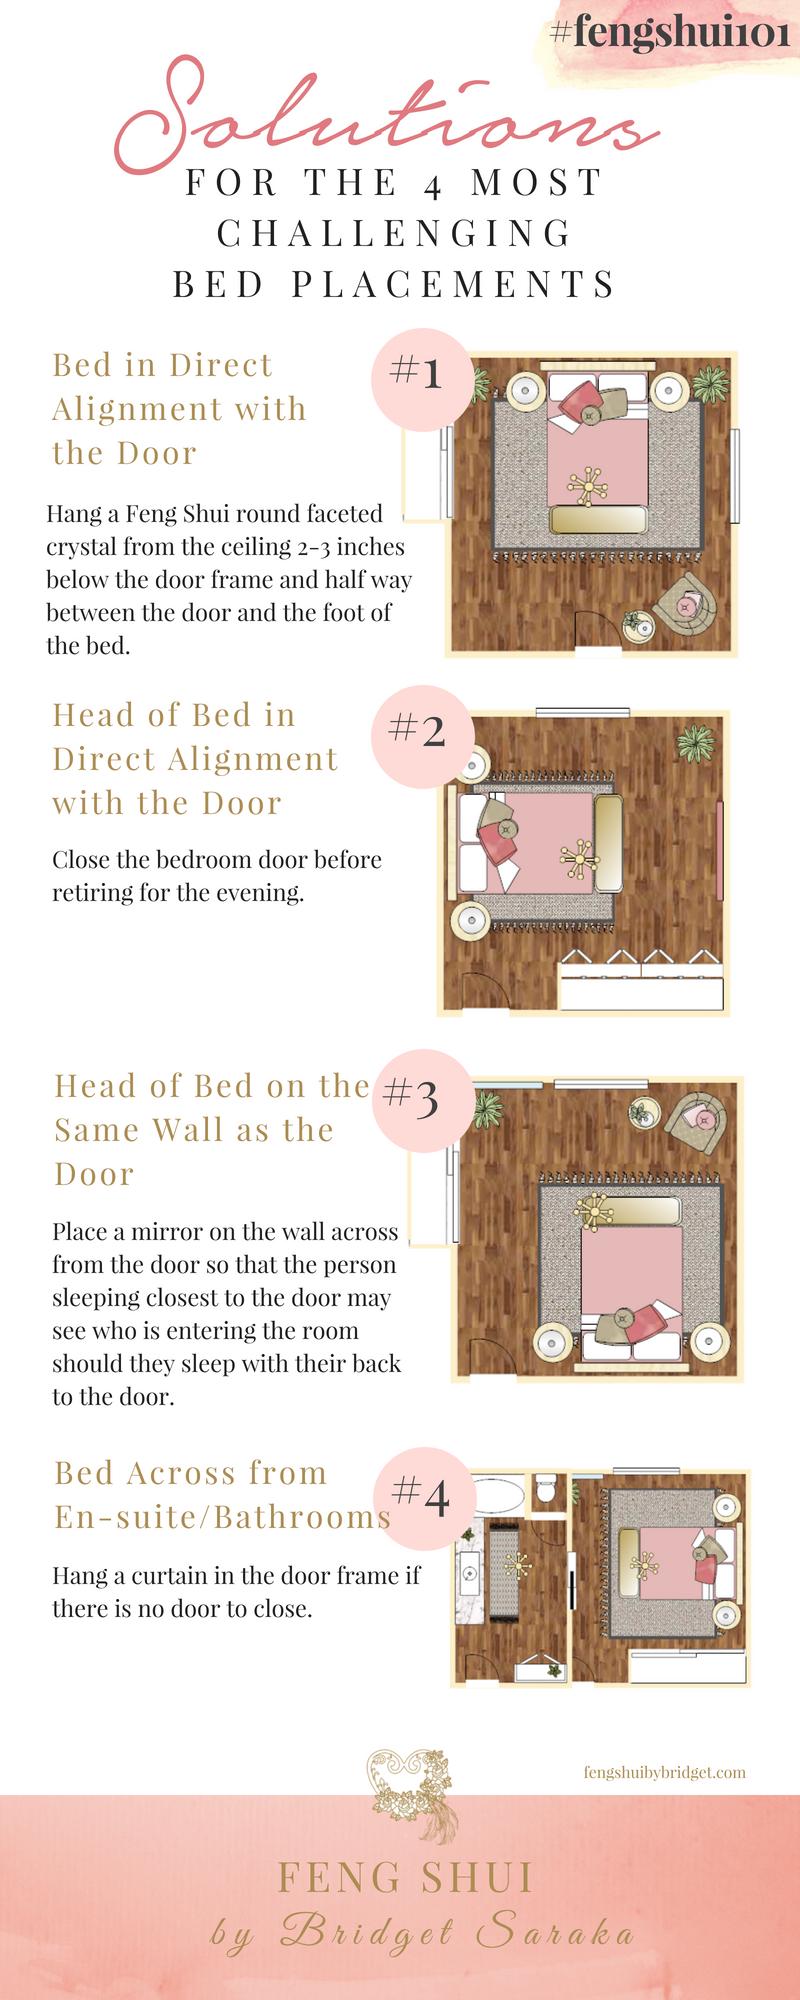 Best Feng Shui Master Bedroom Layout Guide Fengshui101 Feng